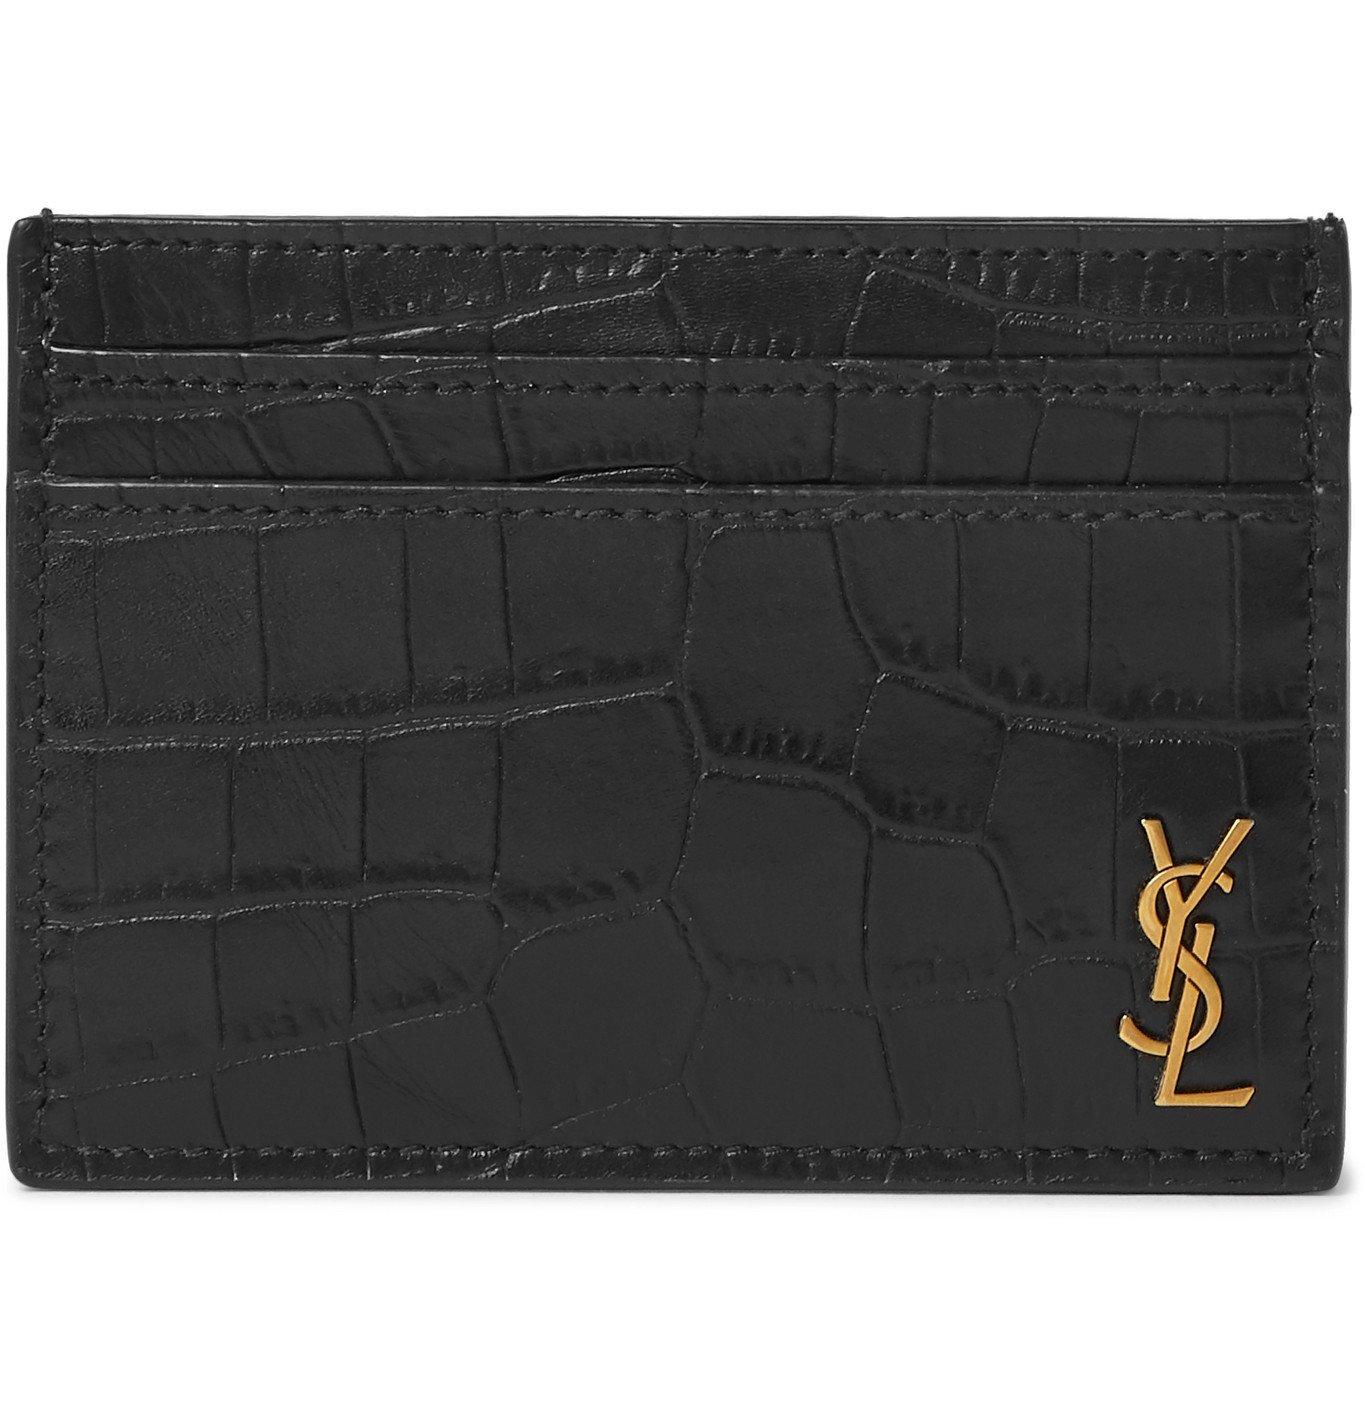 Photo: SAINT LAURENT - Logo-Appliquéd Croc-Effect Leather Cardholder - Black